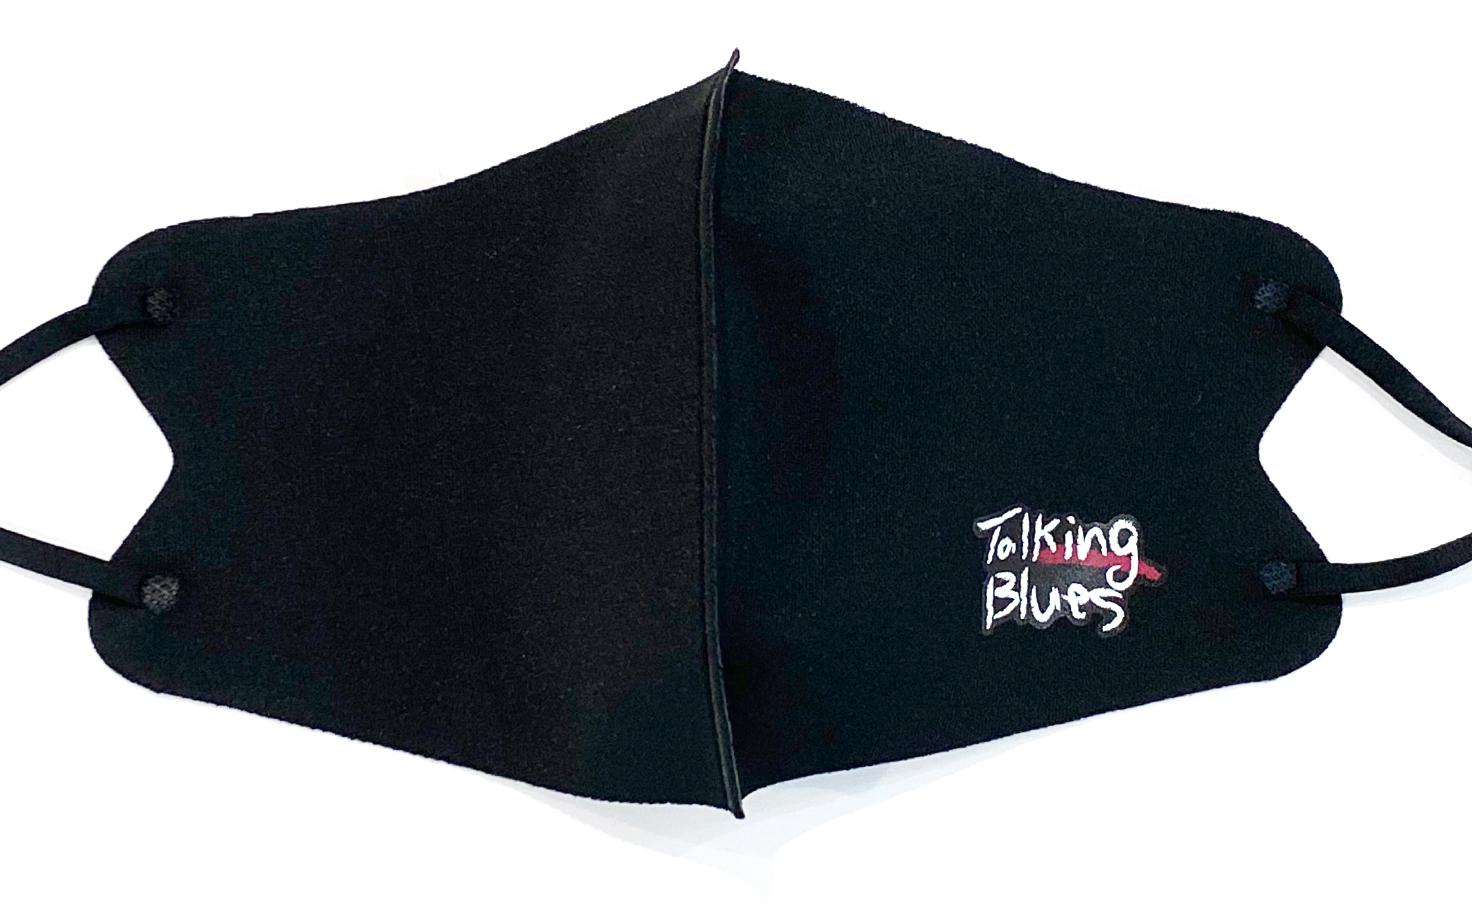 トーキングブルースツアー2021マスク(Black)